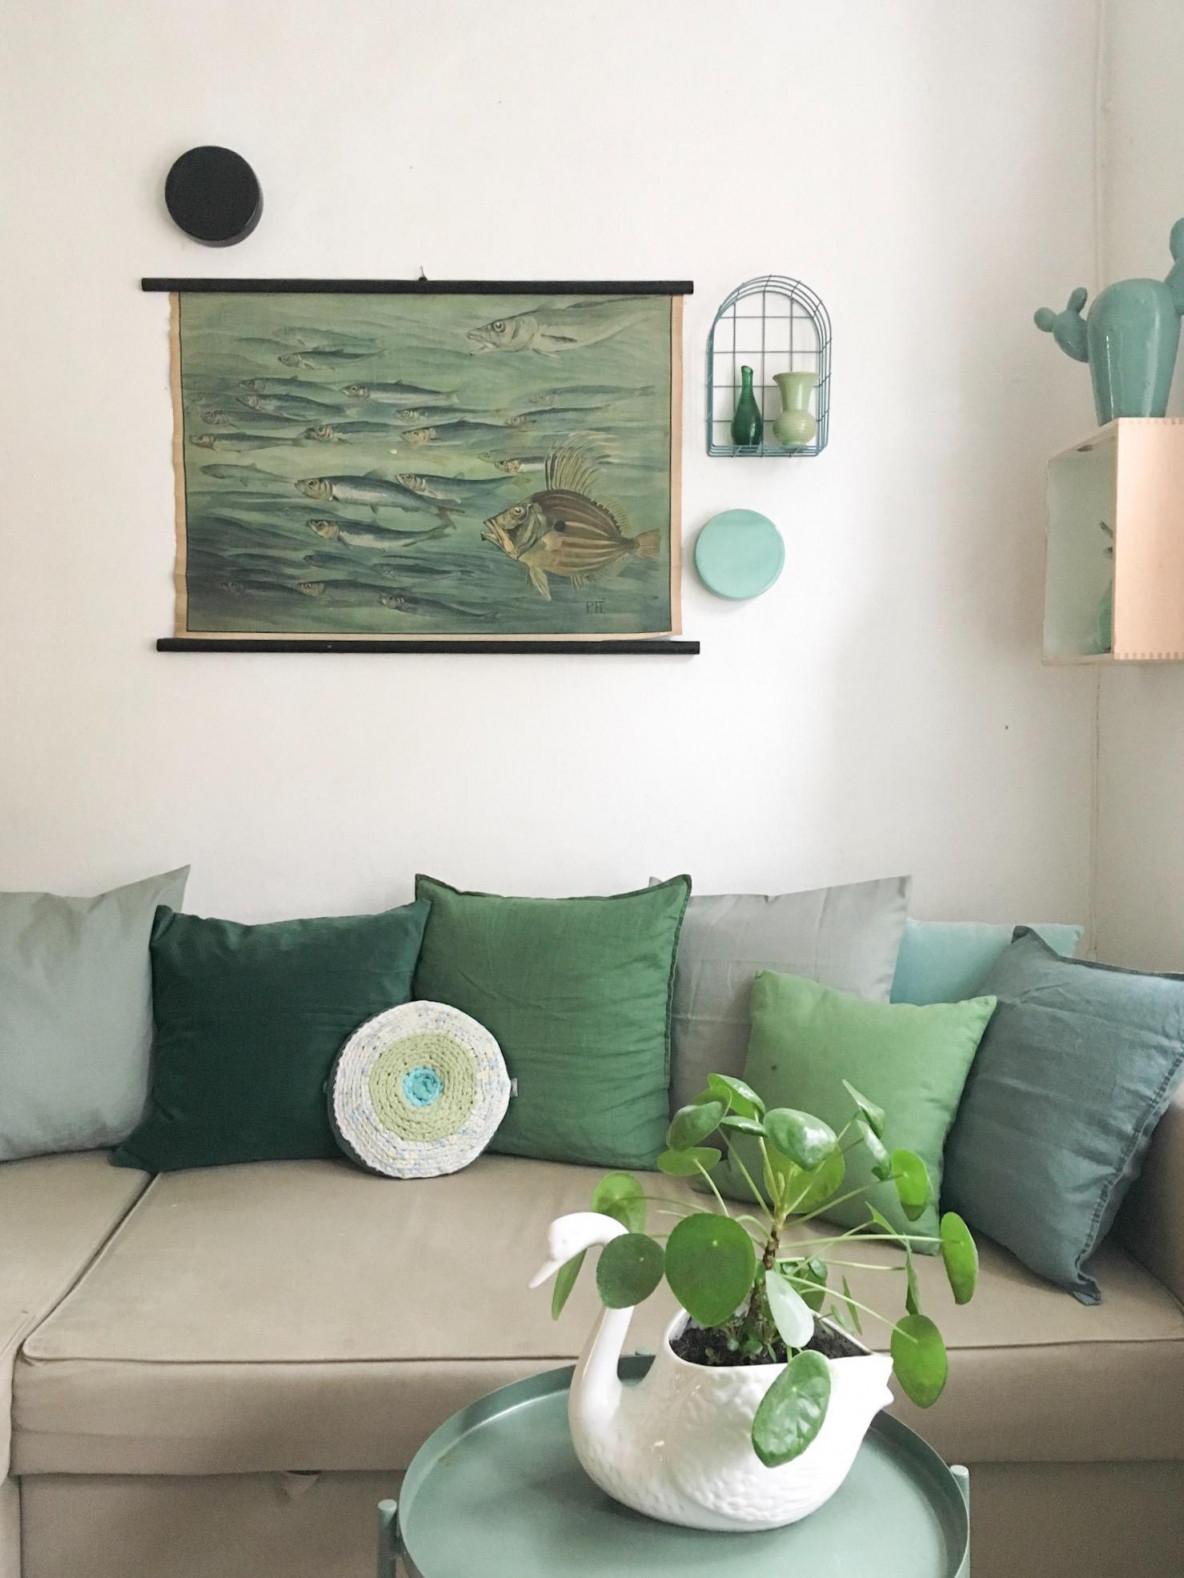 Grün Ist Und Bleibt Meine Lieblingsfarbe 💚🌱 Wohnzim von Wohnzimmer Deko Grün Bild